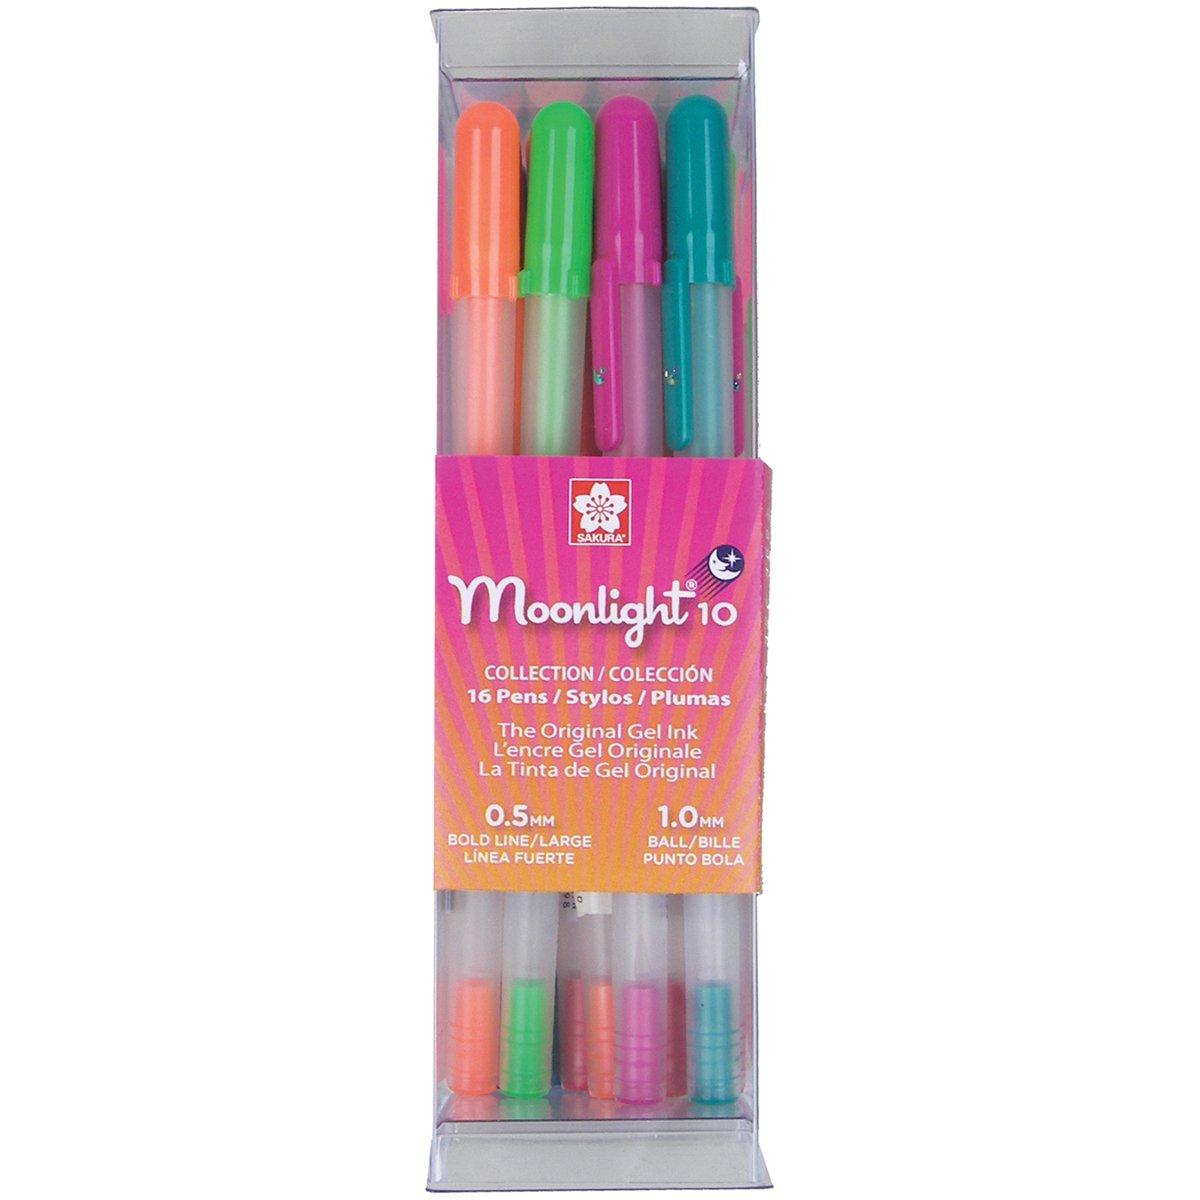 minoristas en línea Sakura 37379 - Paquete de 5 5 5 bolígrafos de Tinta de Gel Gelly Roll de Punta Fina, Materiales sintéticos, 7.08 x 7.08 x 21.05 cm  nueva marca